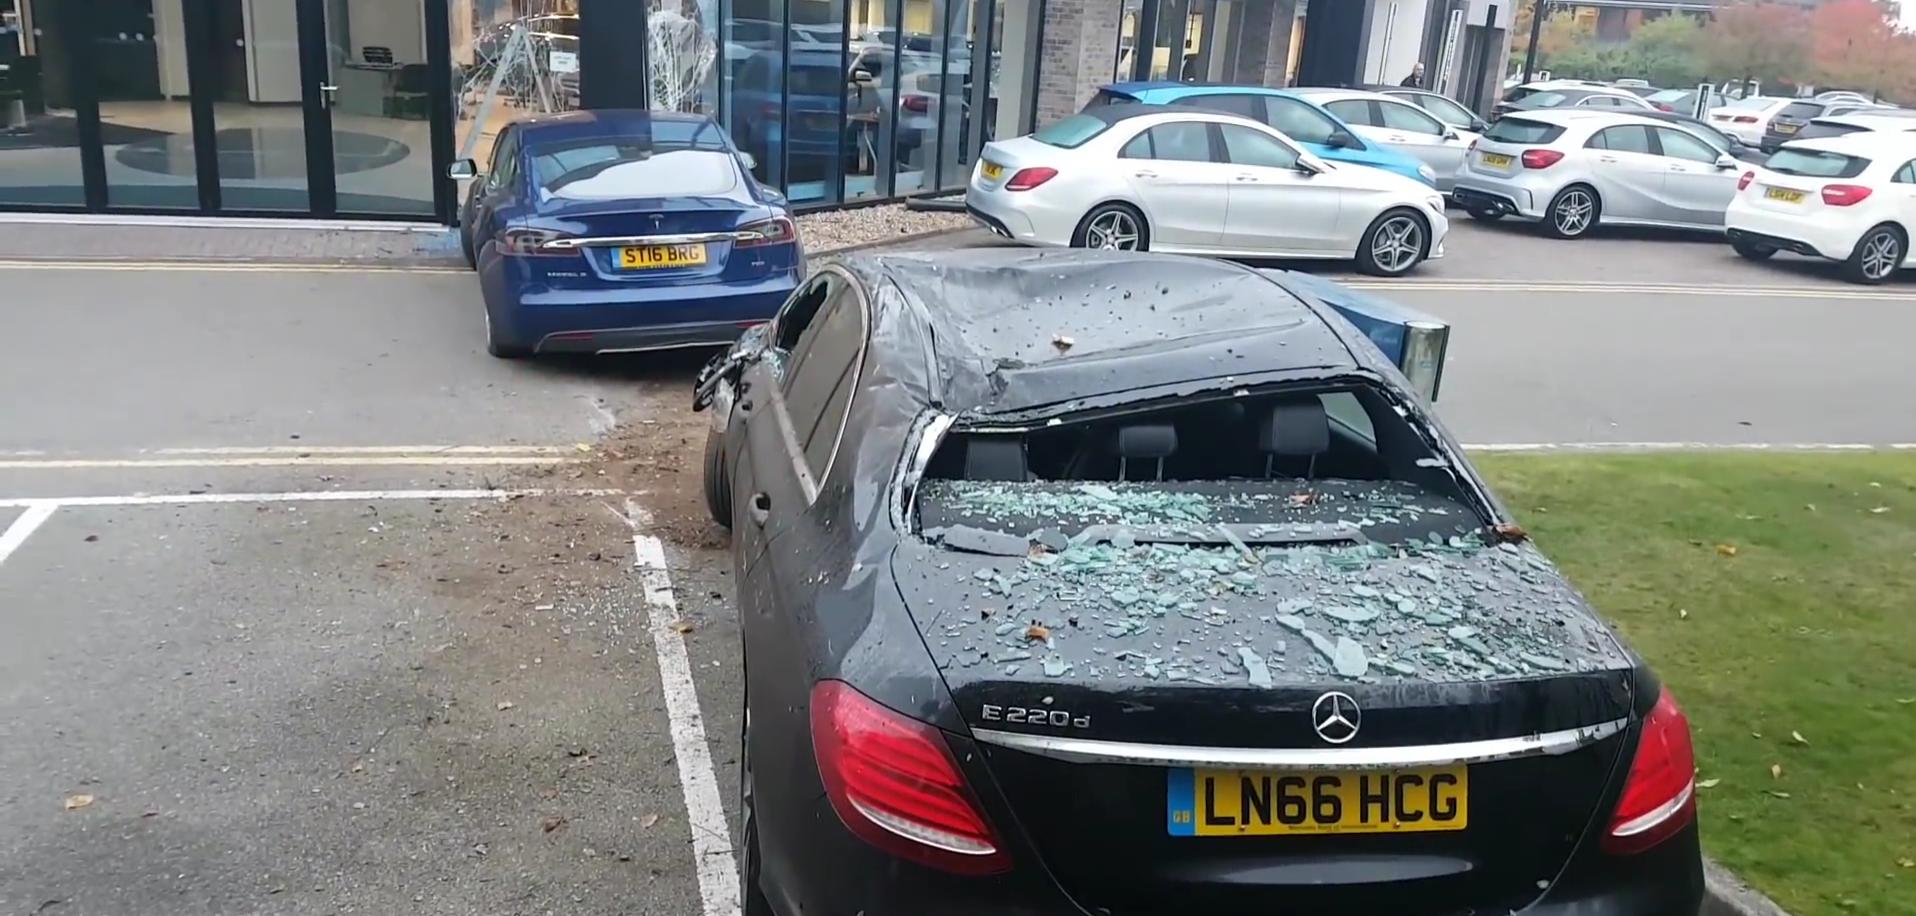 Tesla Model S Assaults a Mercedes Dealership in London